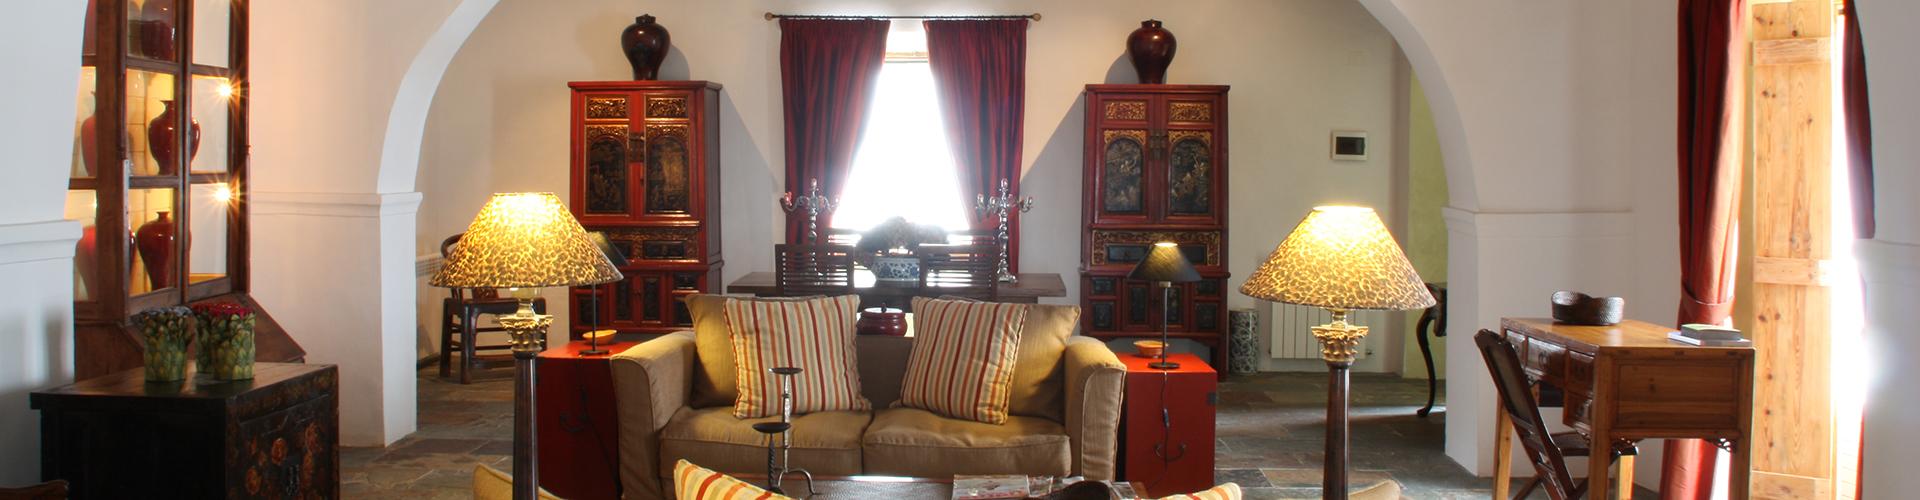 CASA DO TERREIRO DO POÇO. Vista del salón de la gran suit, con mobiliario asiático.